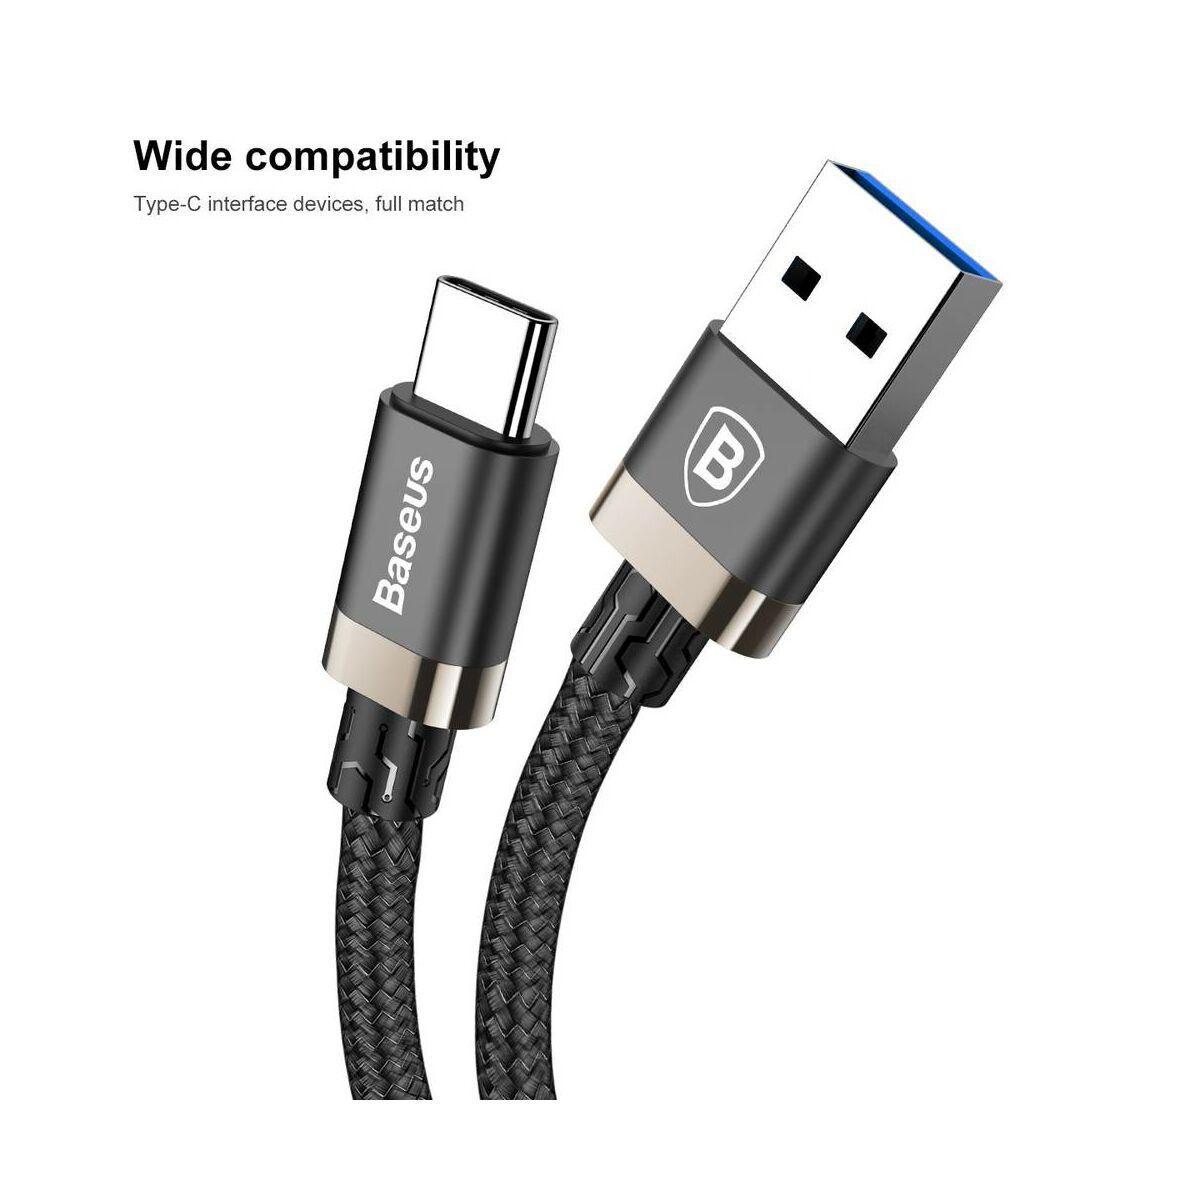 Baseus Type-C kábel, Golden Belt Series prémium USB3.0 kábel, 3A, 1m, fekete/arany (CATGB-1V)